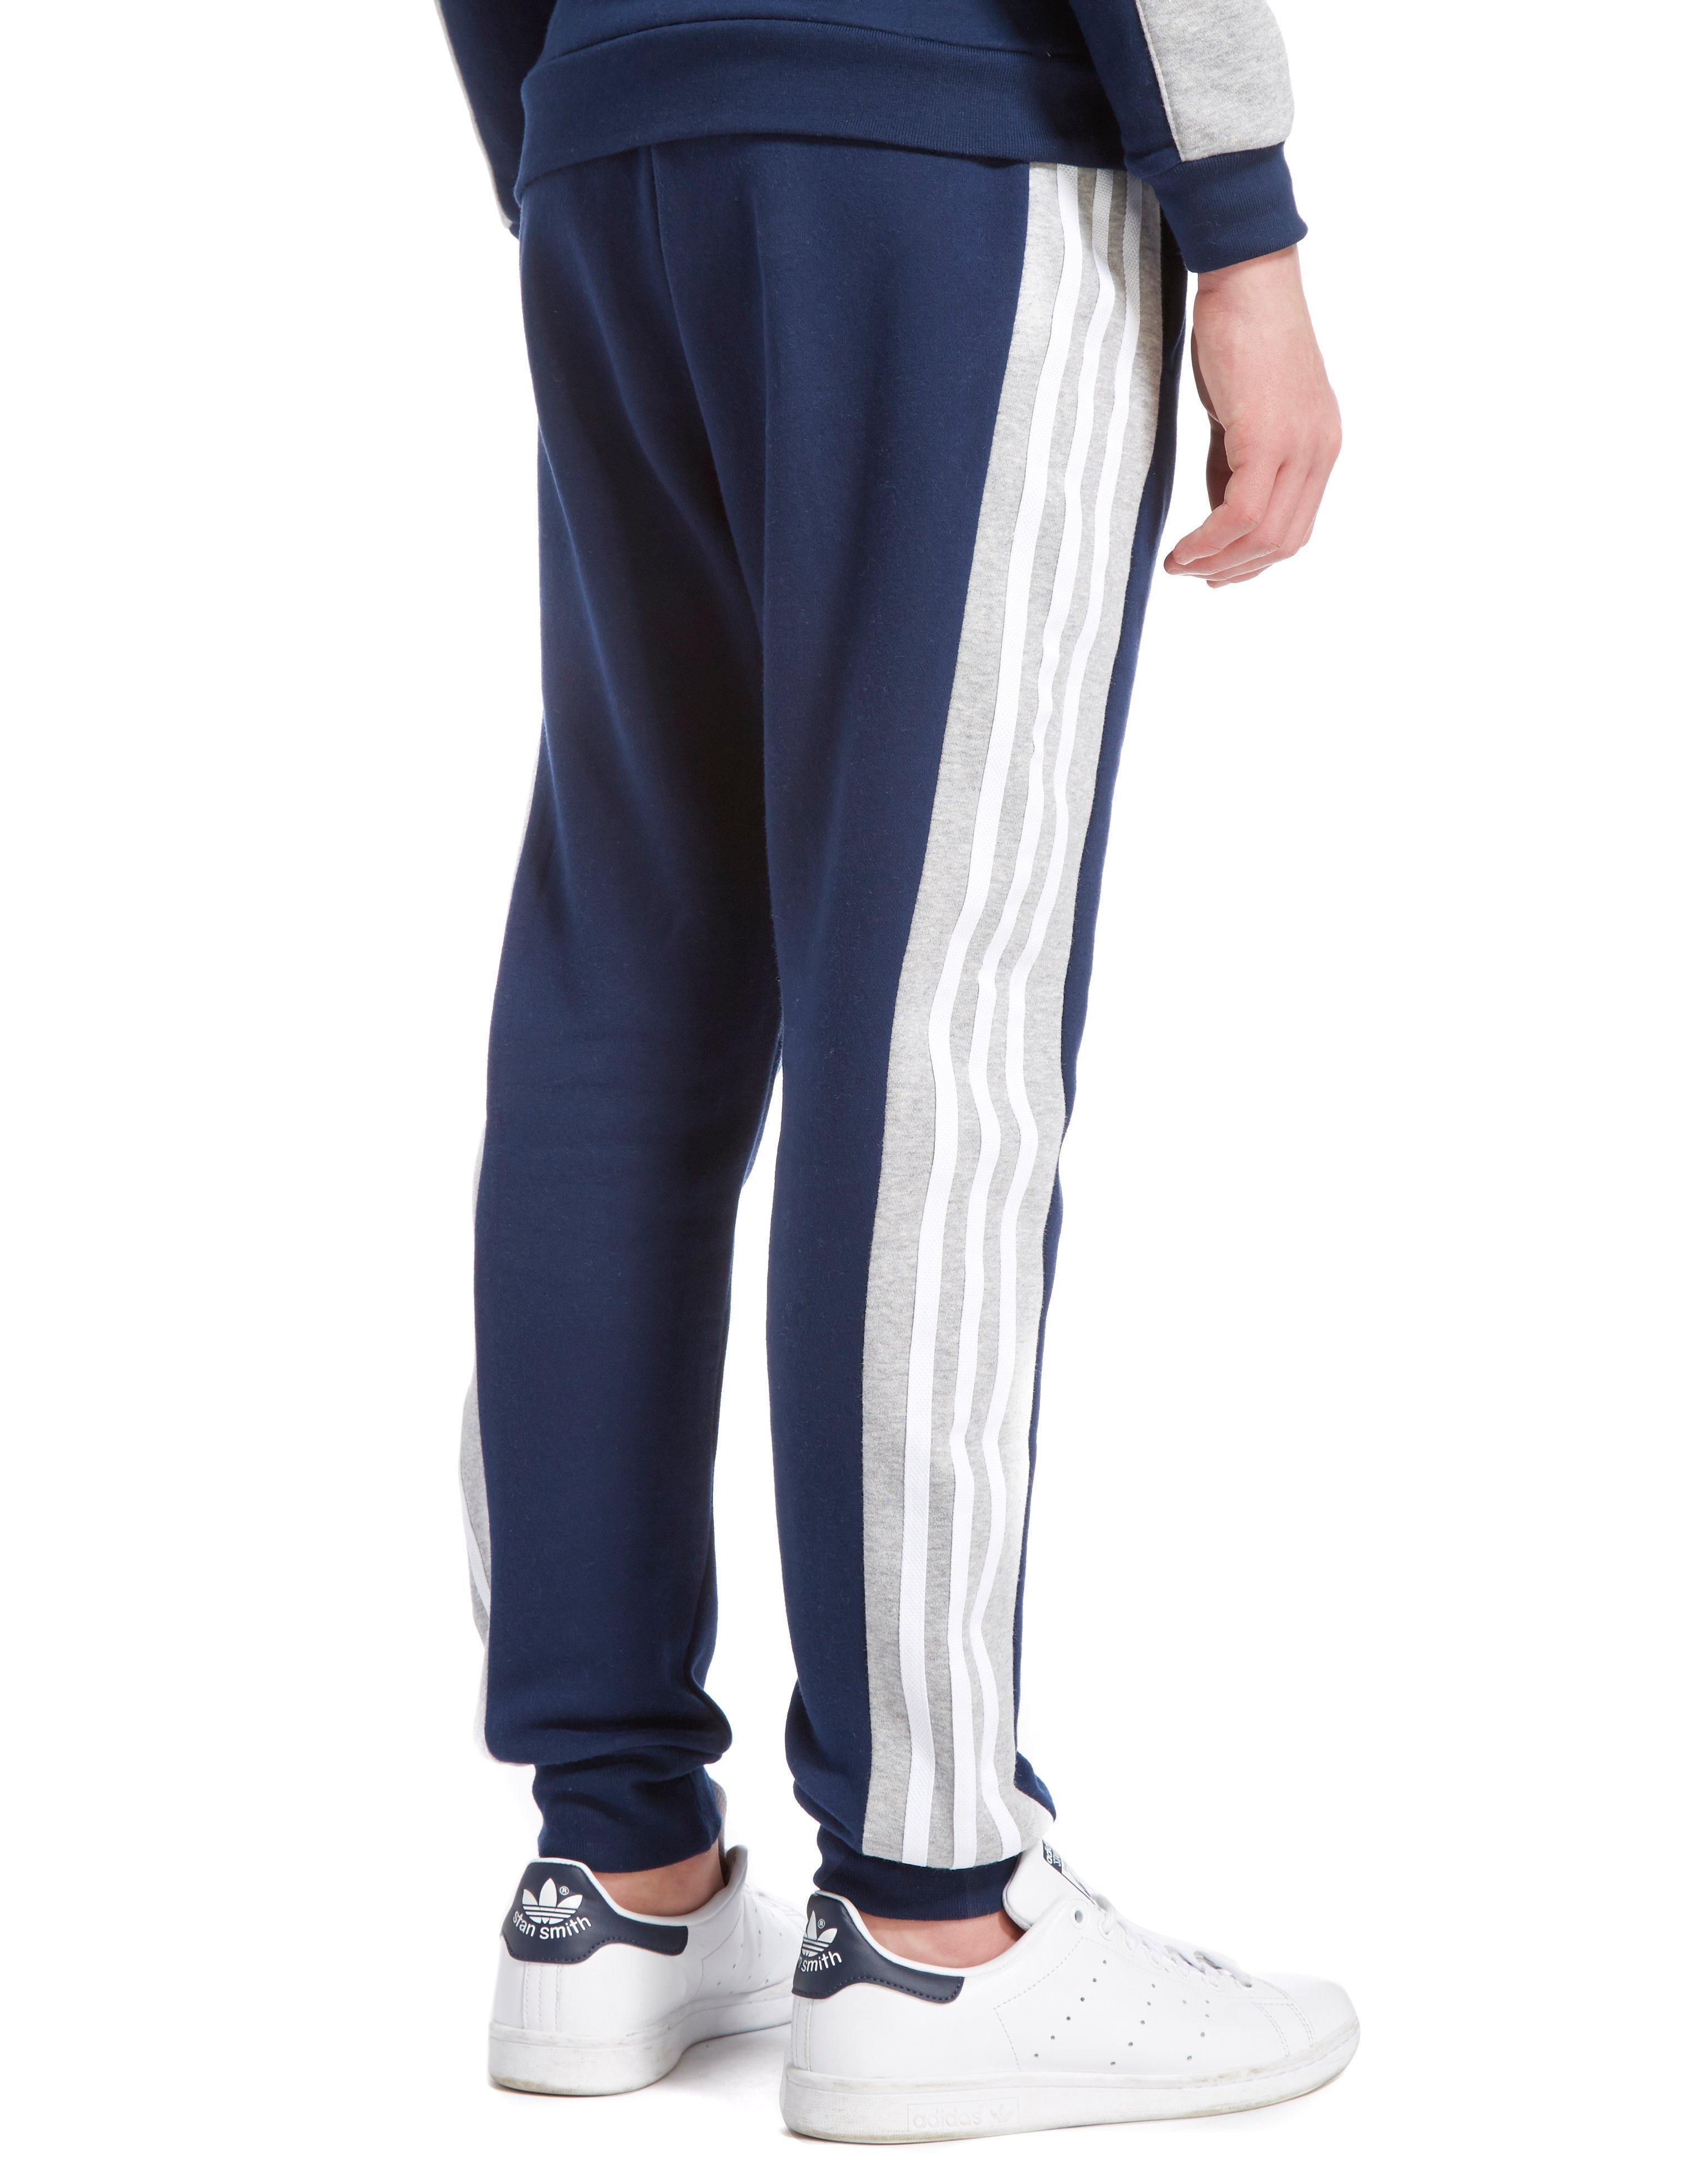 official photos 3c213 f6d84 adidas-originals-NavyGrey-Moa-Fleece-Pants-Junior.jpeg